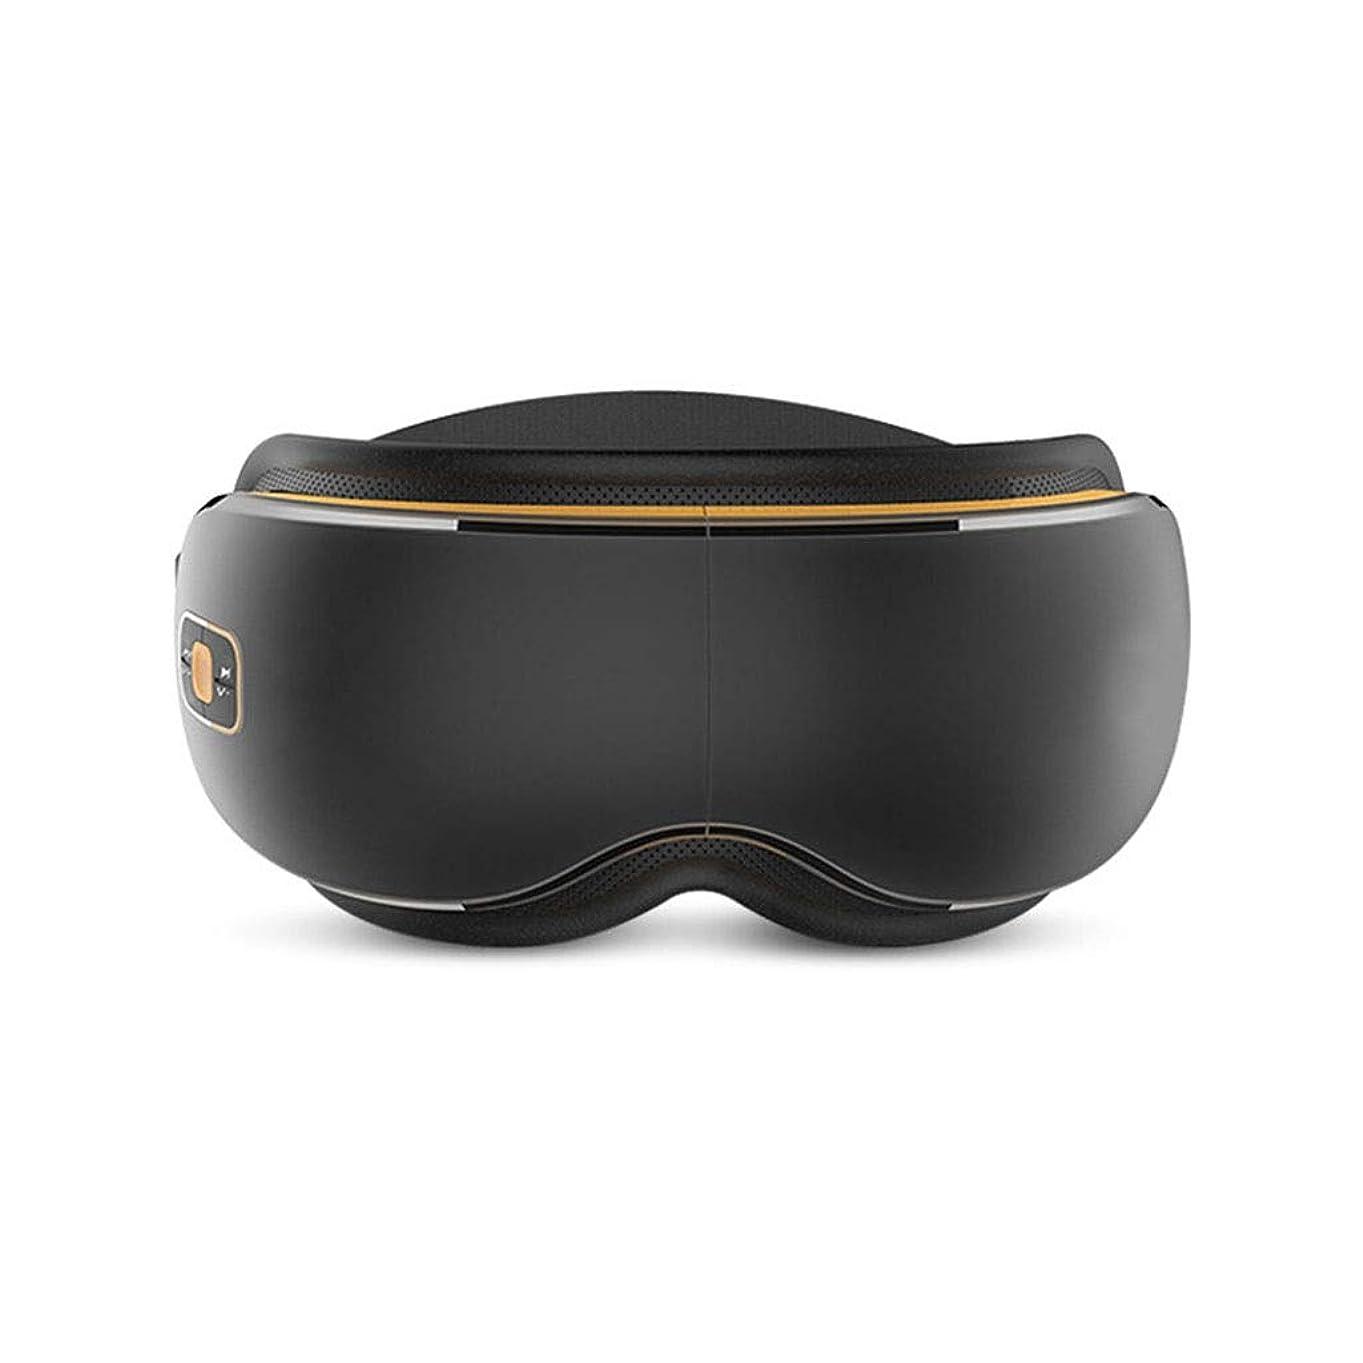 妻アーク殺人電気アイマッサージャー振動マッサージ暖房/ラップ/音楽/空気圧縮4つのモードで目をリラックスさせて暗い円を減らし、睡眠を改善するためのヘッドプレッシャーを緩和